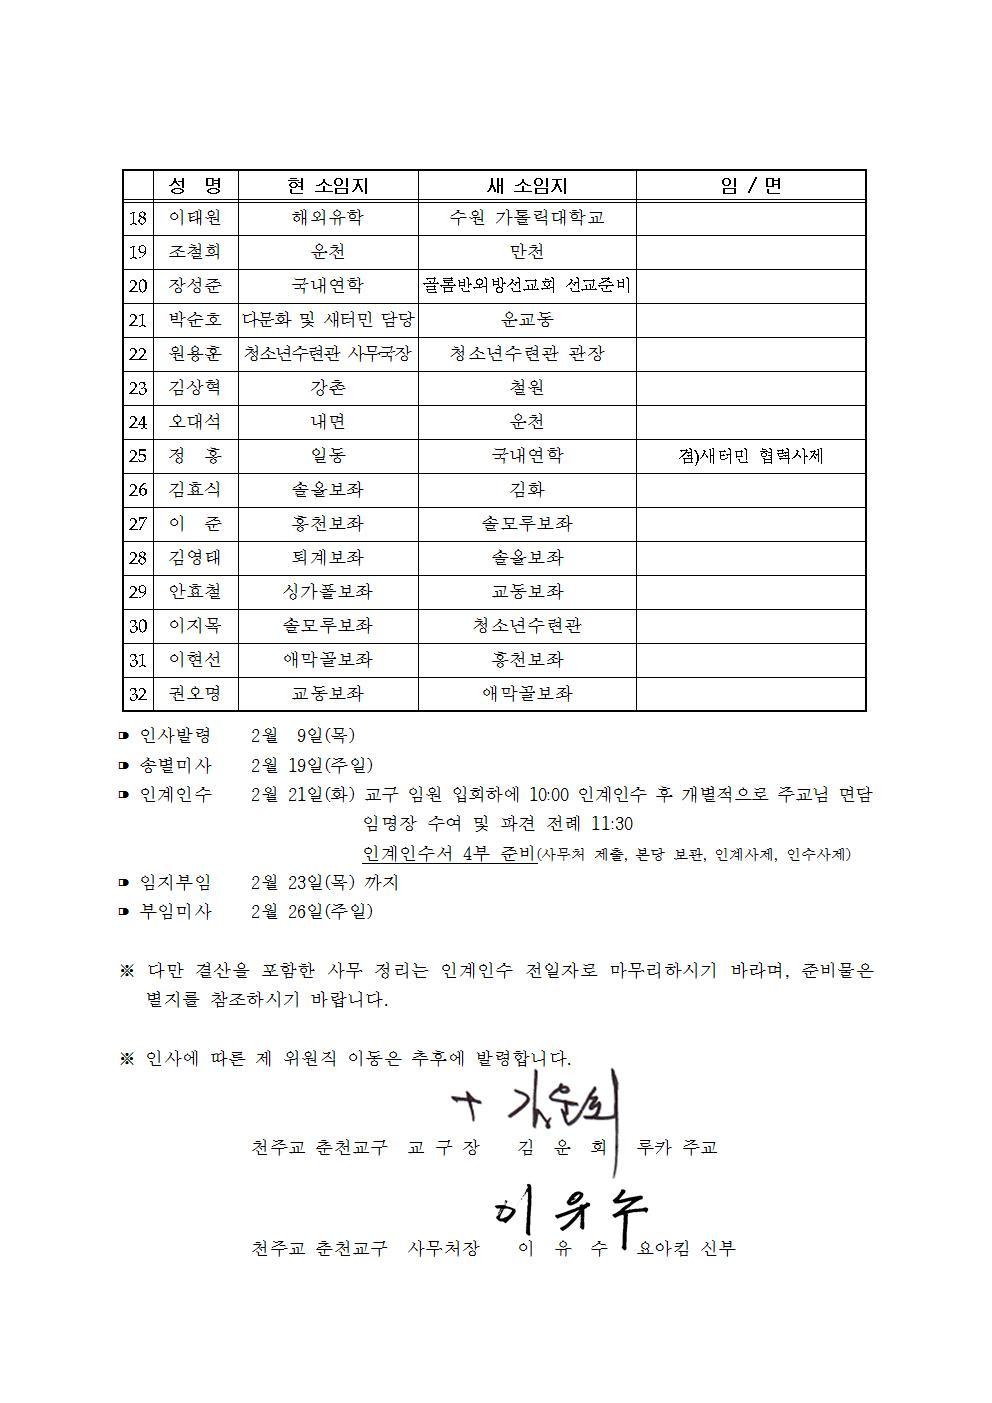 춘교 17-0014호 사제 정기 인사002.jpg